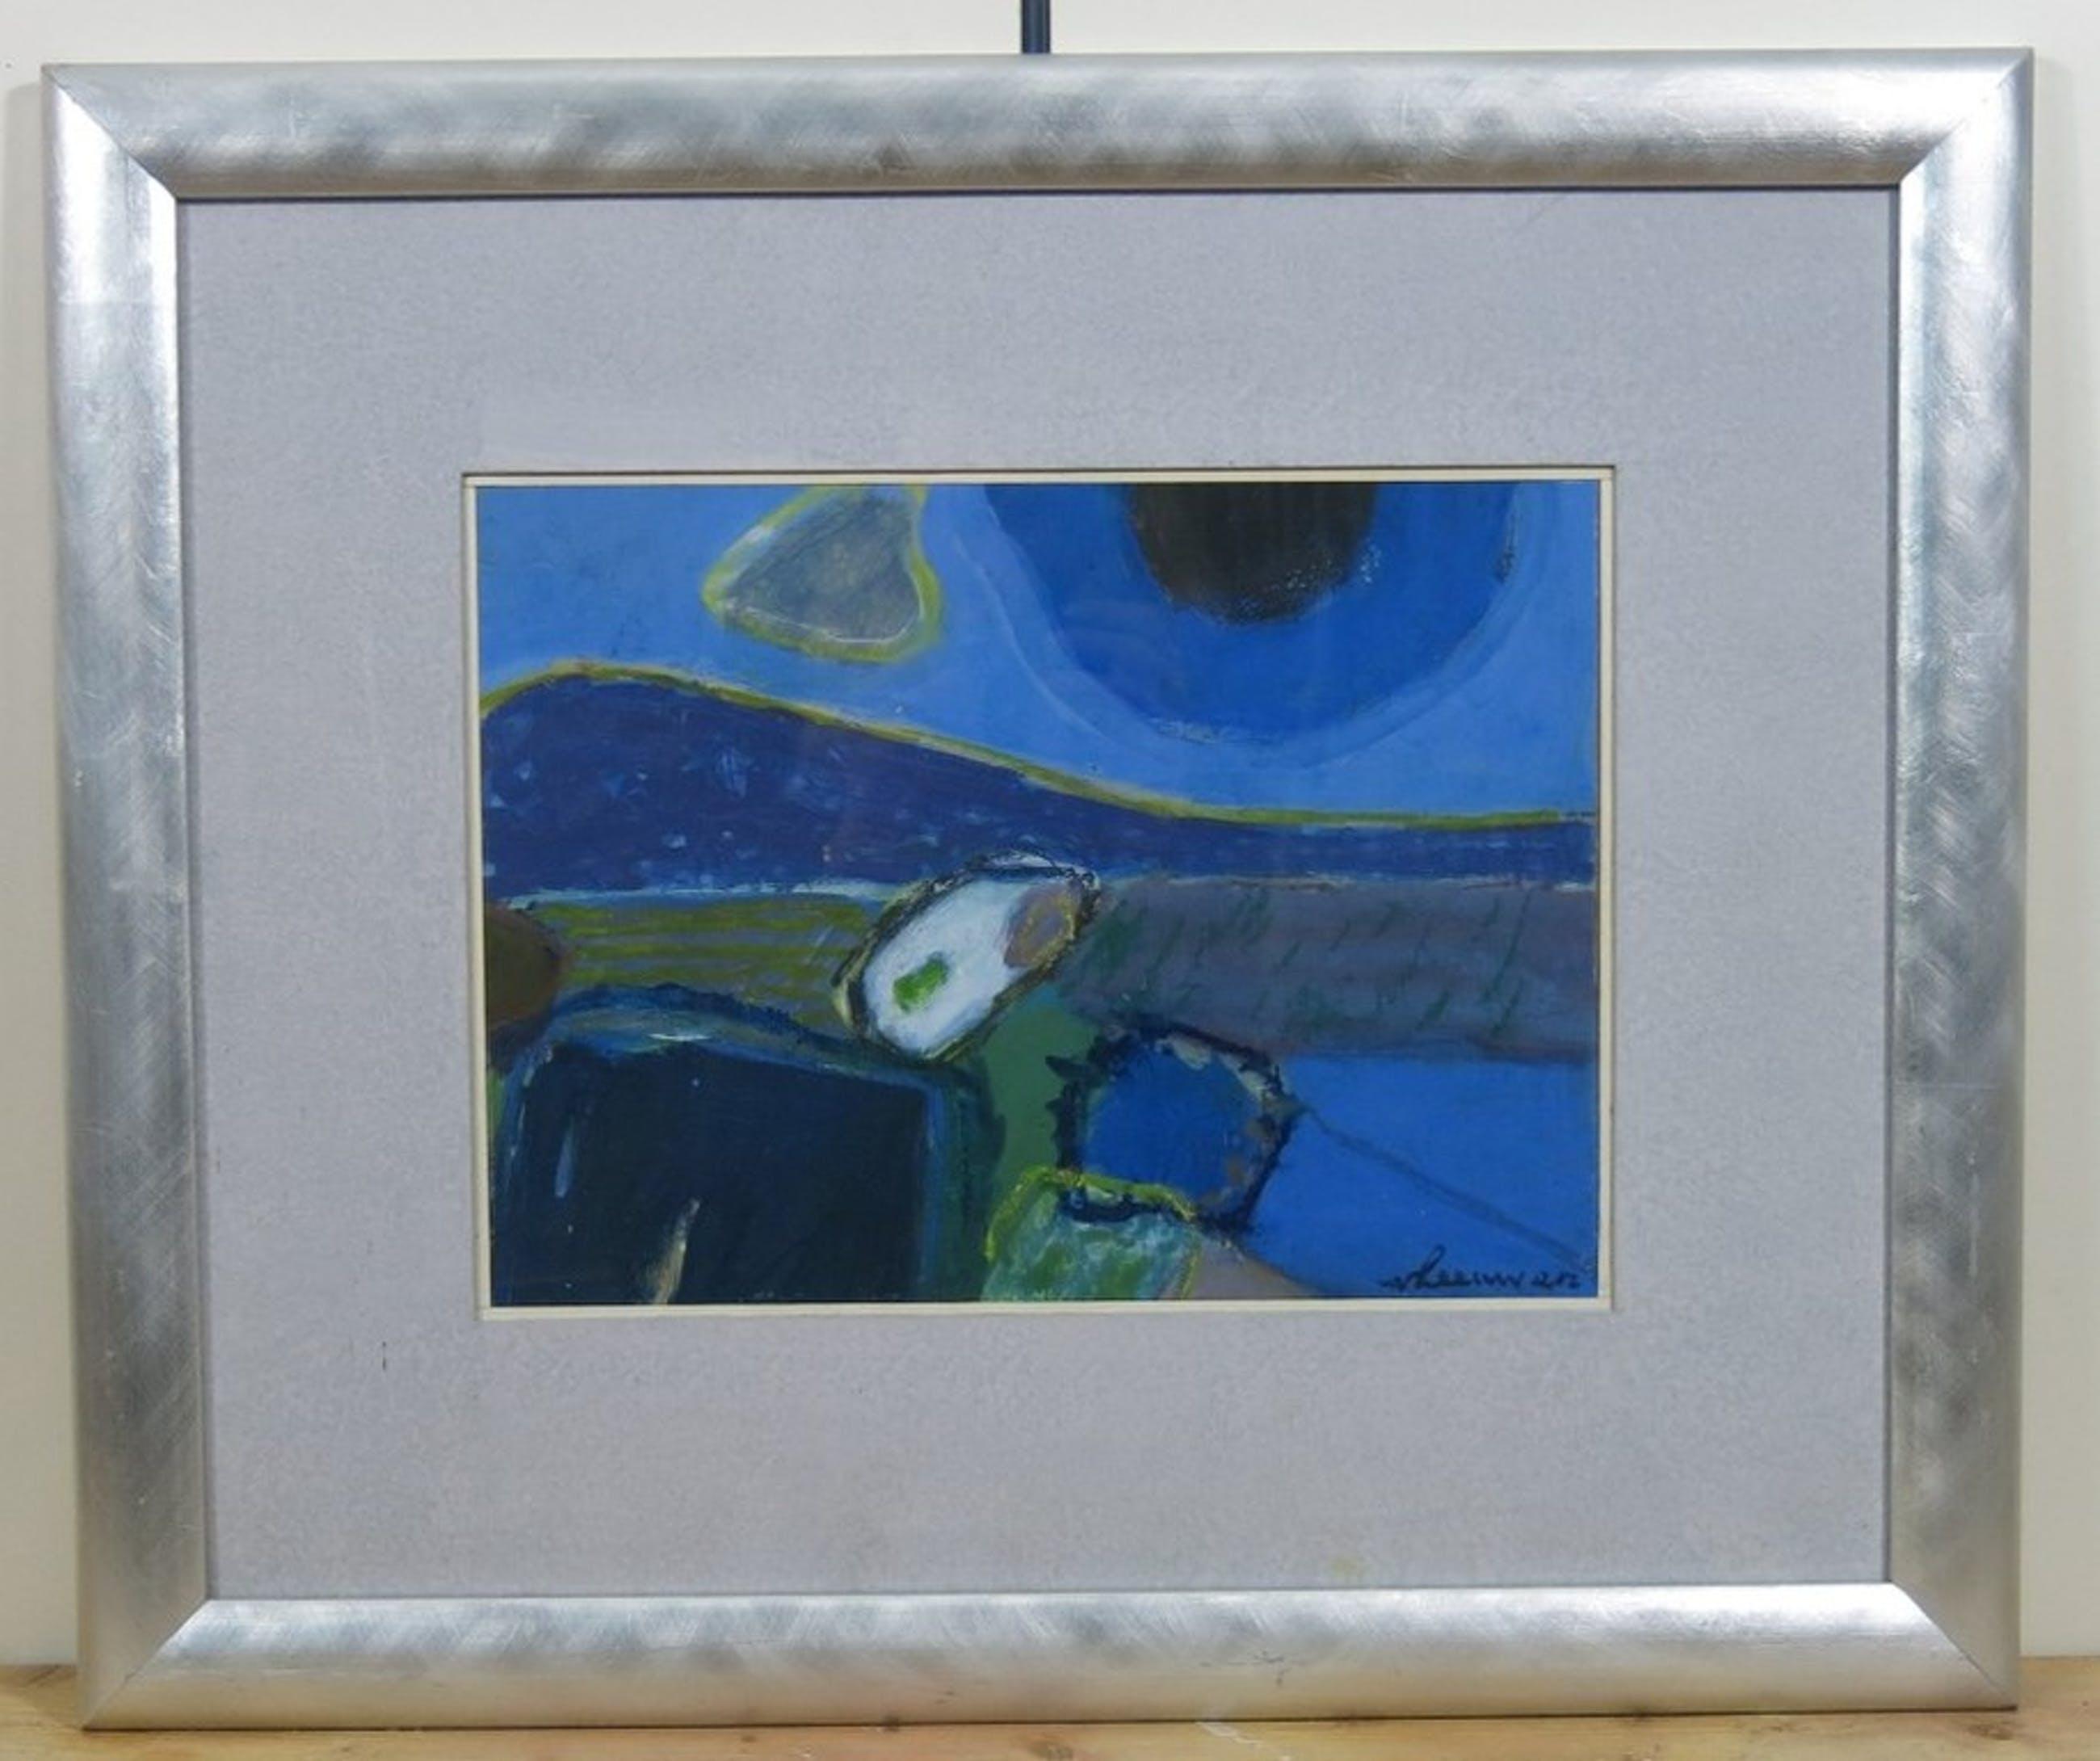 Wil van Leeuwen: Gouache, Abstract in blauwtinten - Ingelijst kopen? Bied vanaf 150!